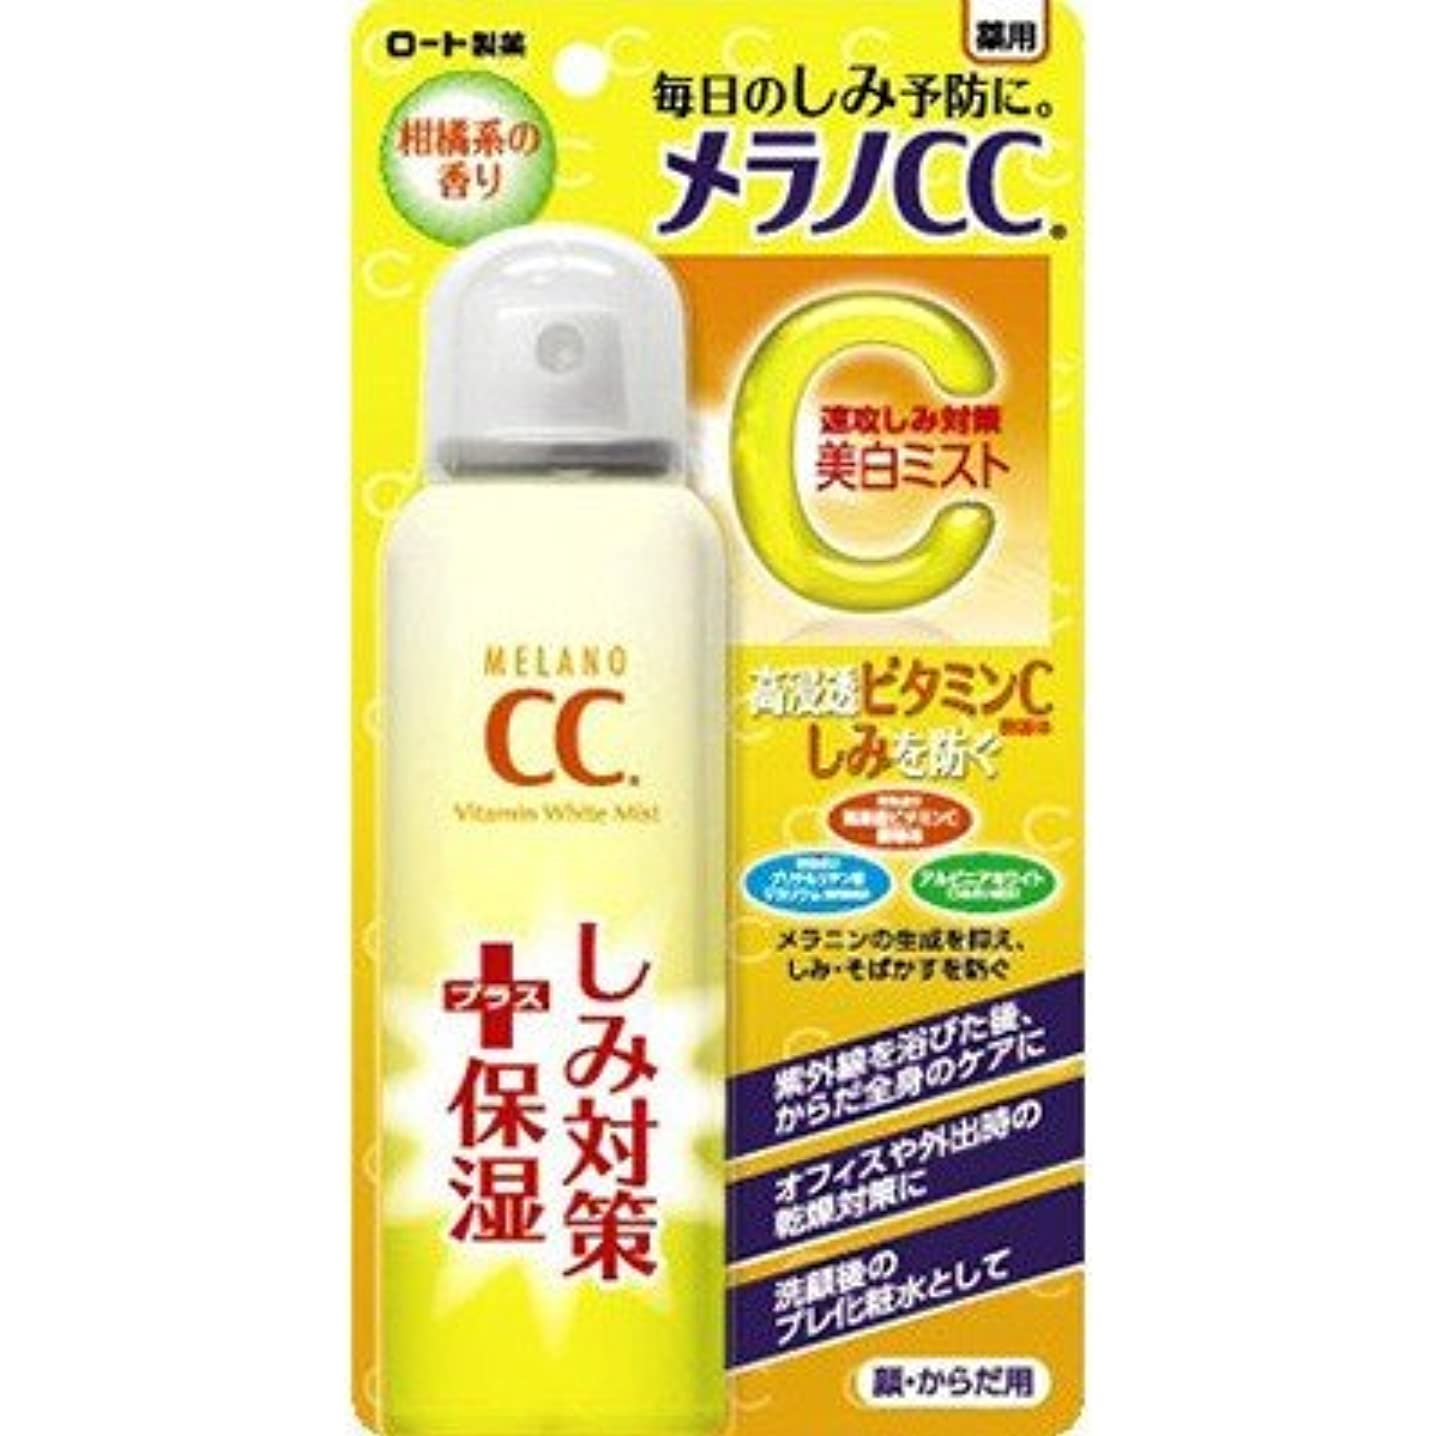 物理的にゼリー不適切なメラノCC 薬用 しみ対策 美白ミスト化粧水 100g [並行輸入品]